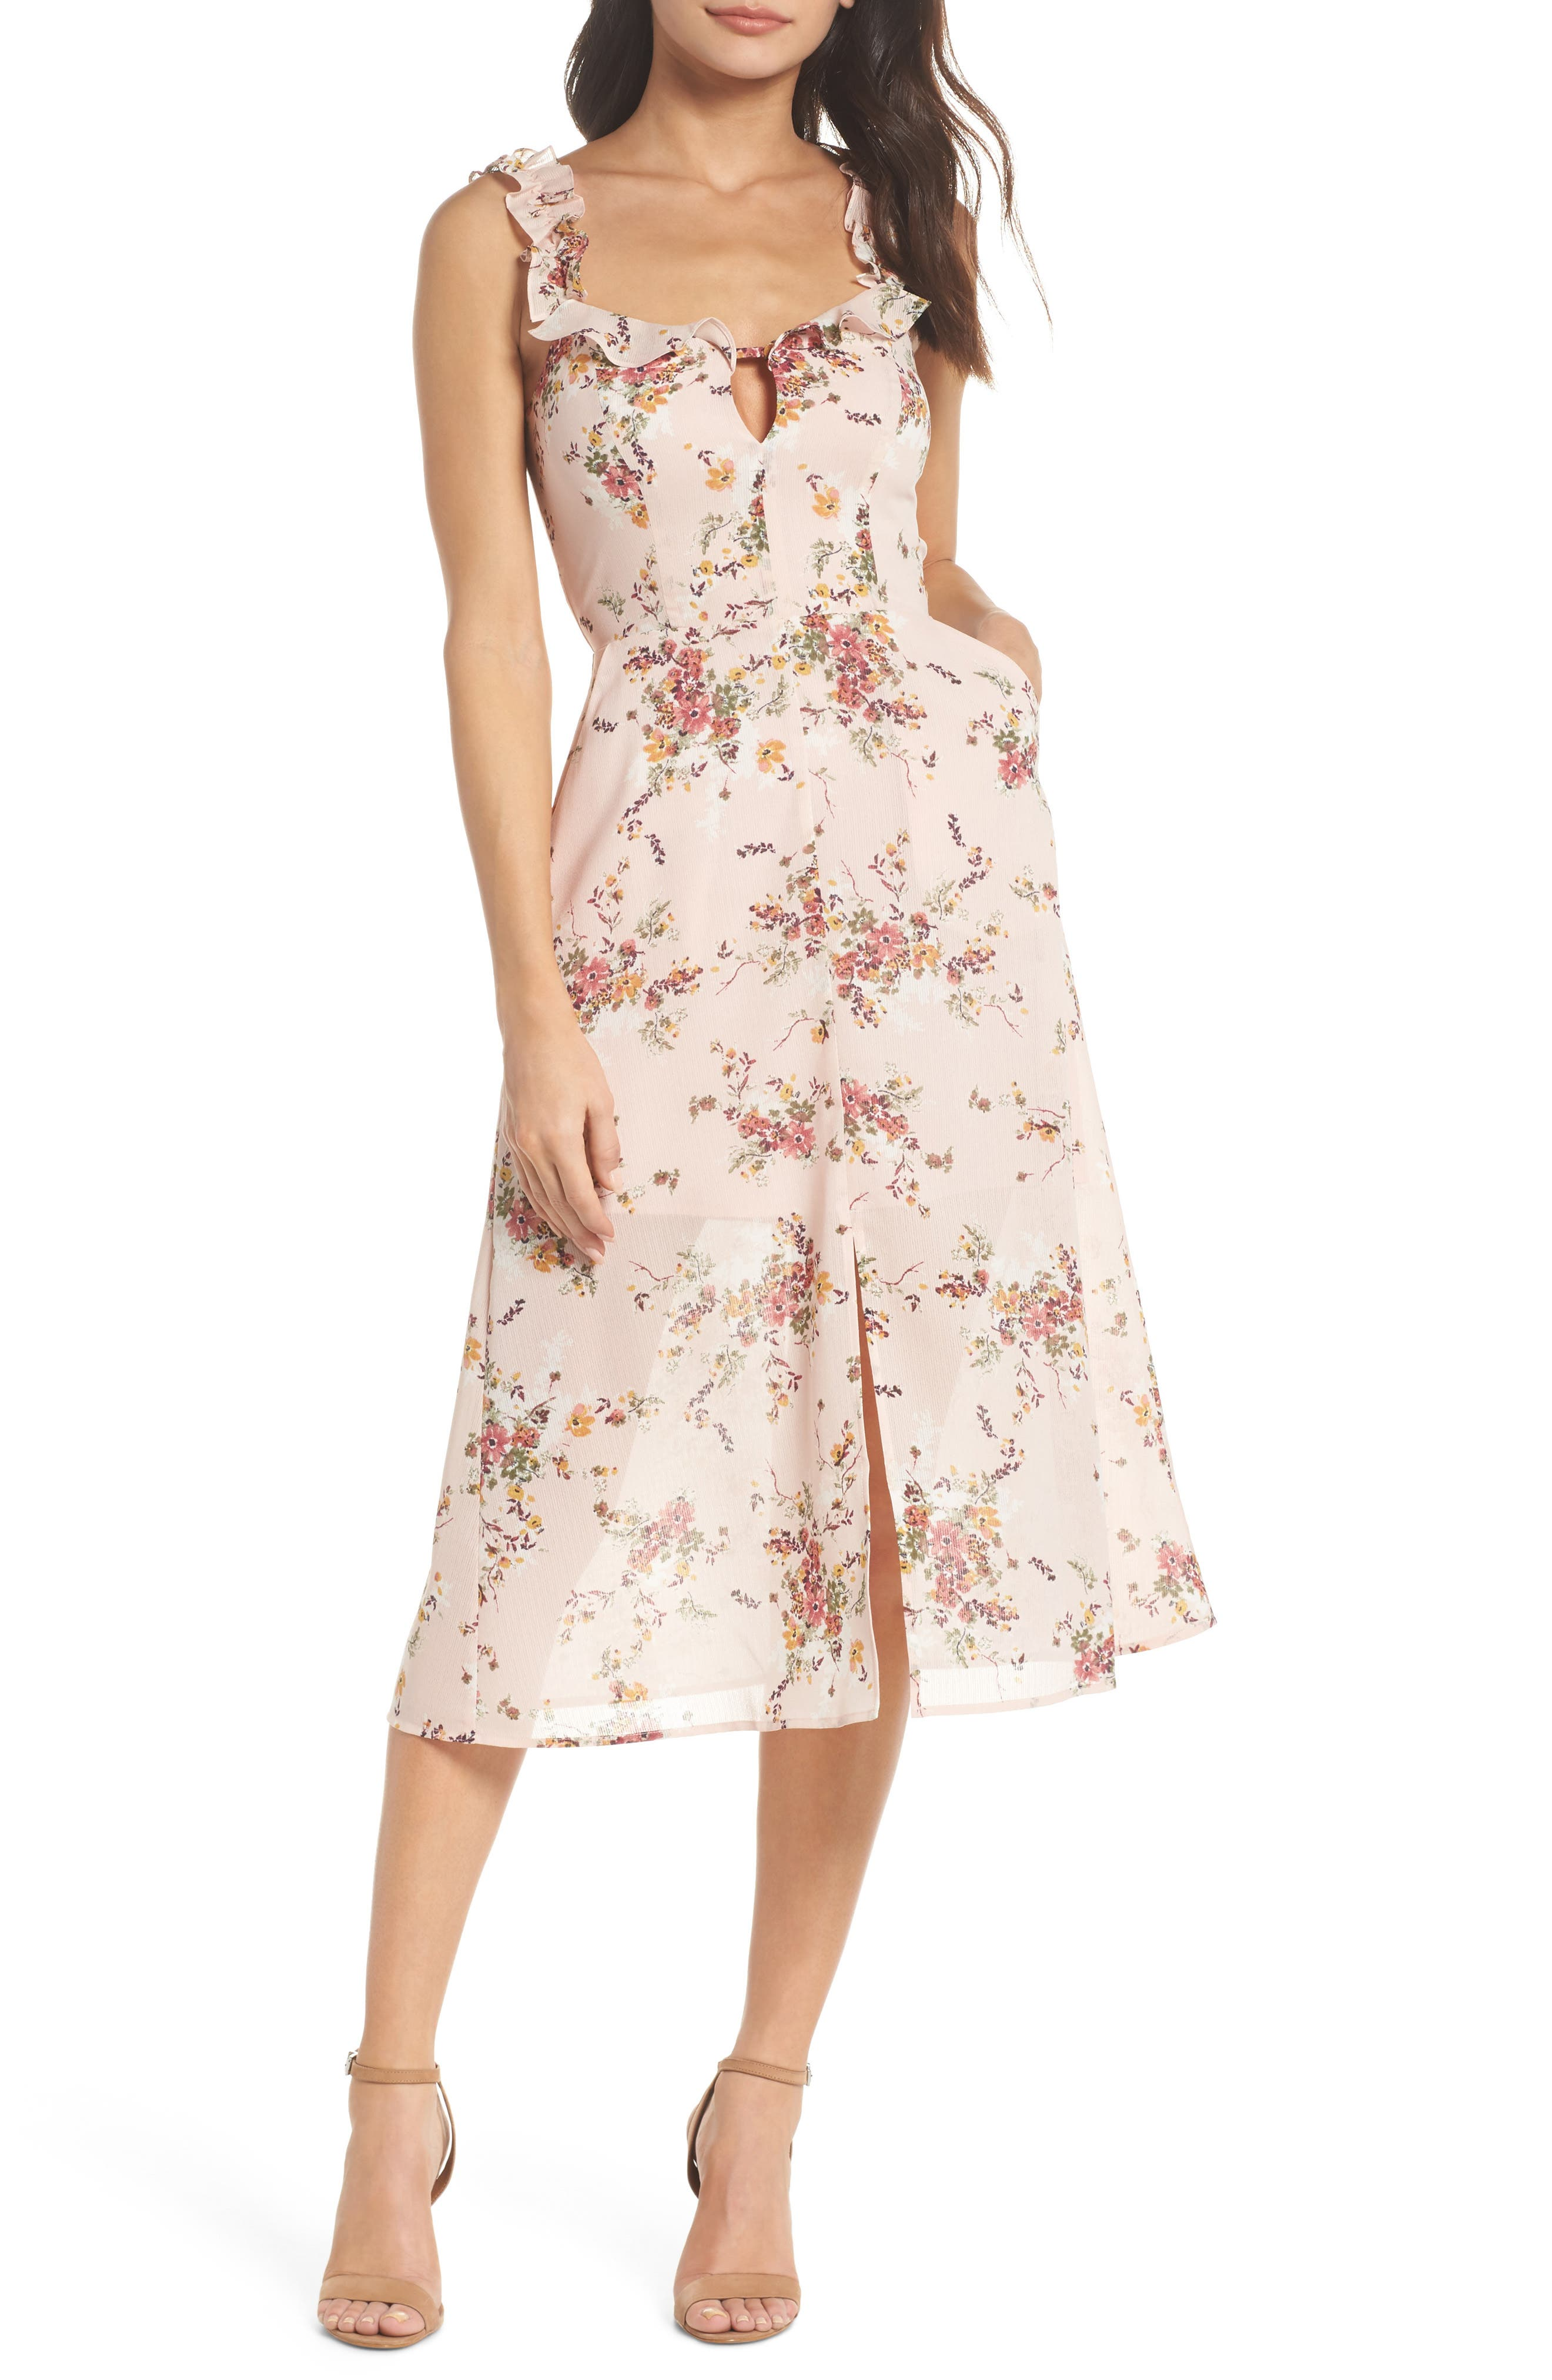 Atwater Village Midi Dress,                         Main,                         color, Blush Vintage Bouquet